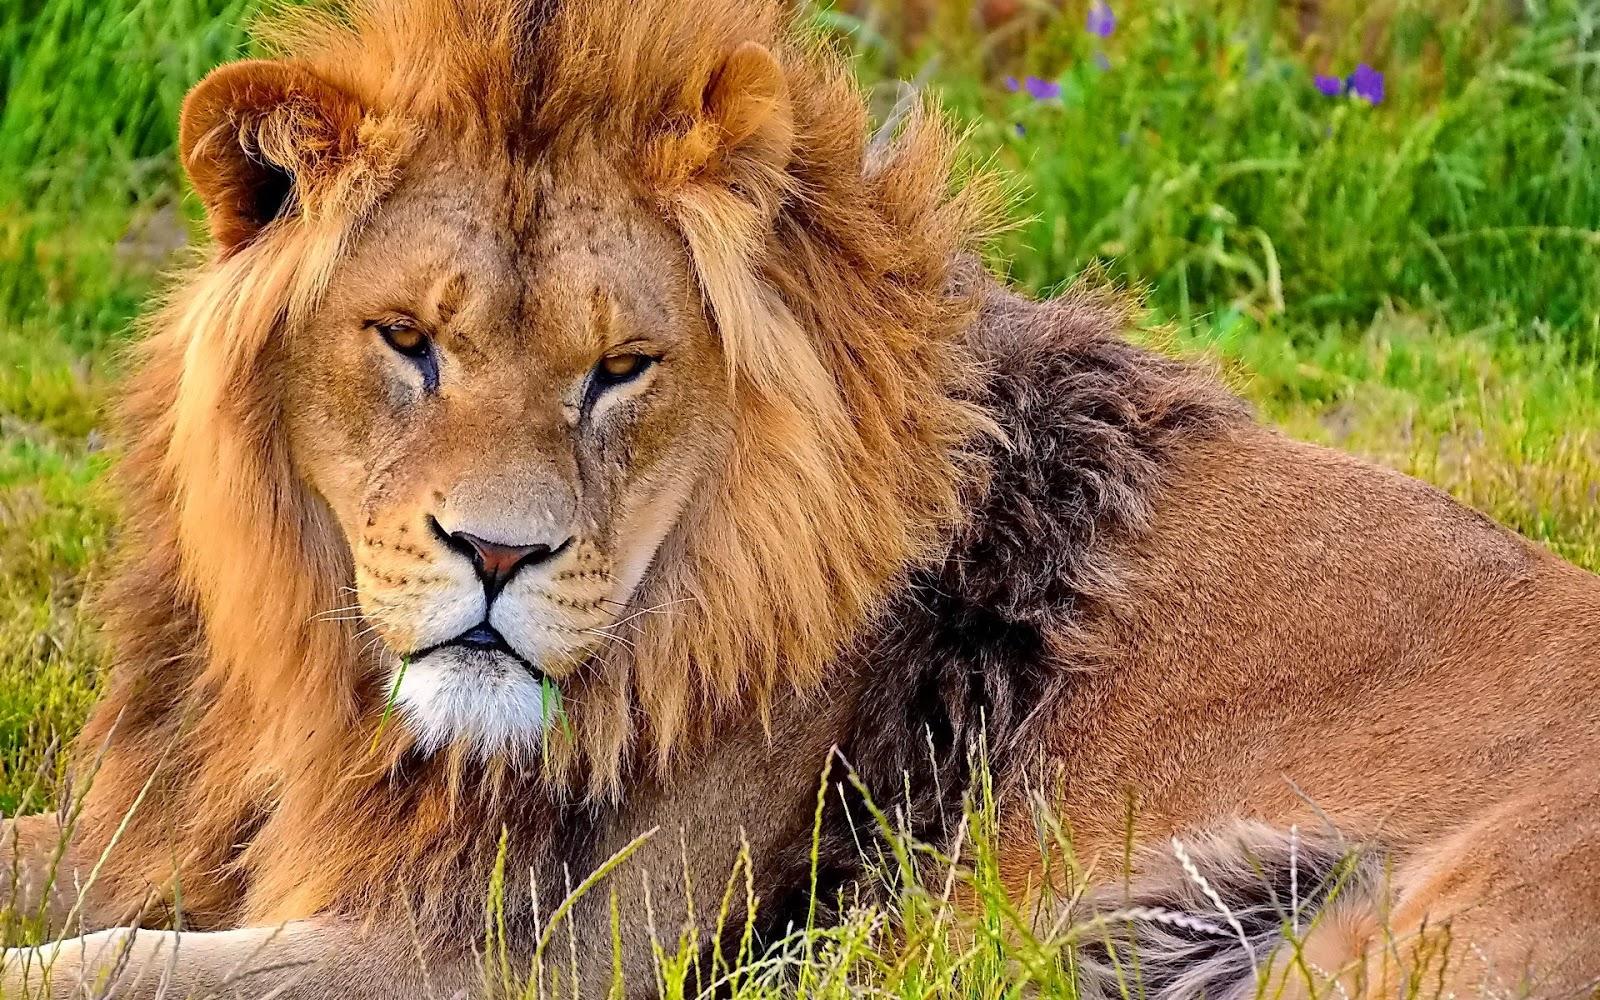 Movie Lion Free Download